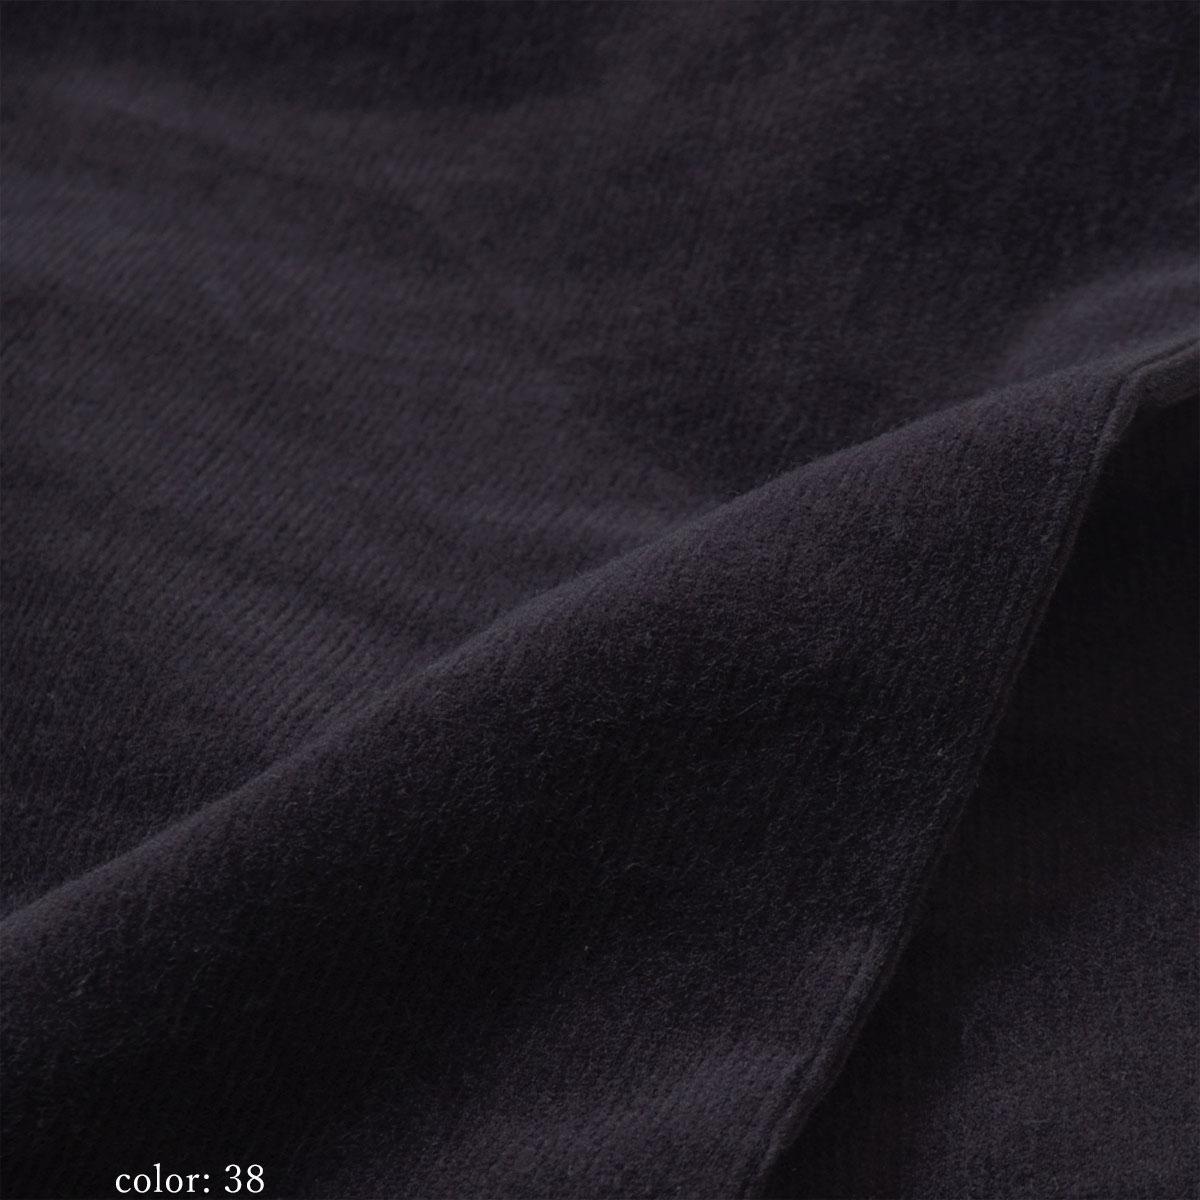 【SALE】Mrs.Jeana GOLD ■暖■ 裏起毛コーデュロイウォームスキニーストレート GM3972